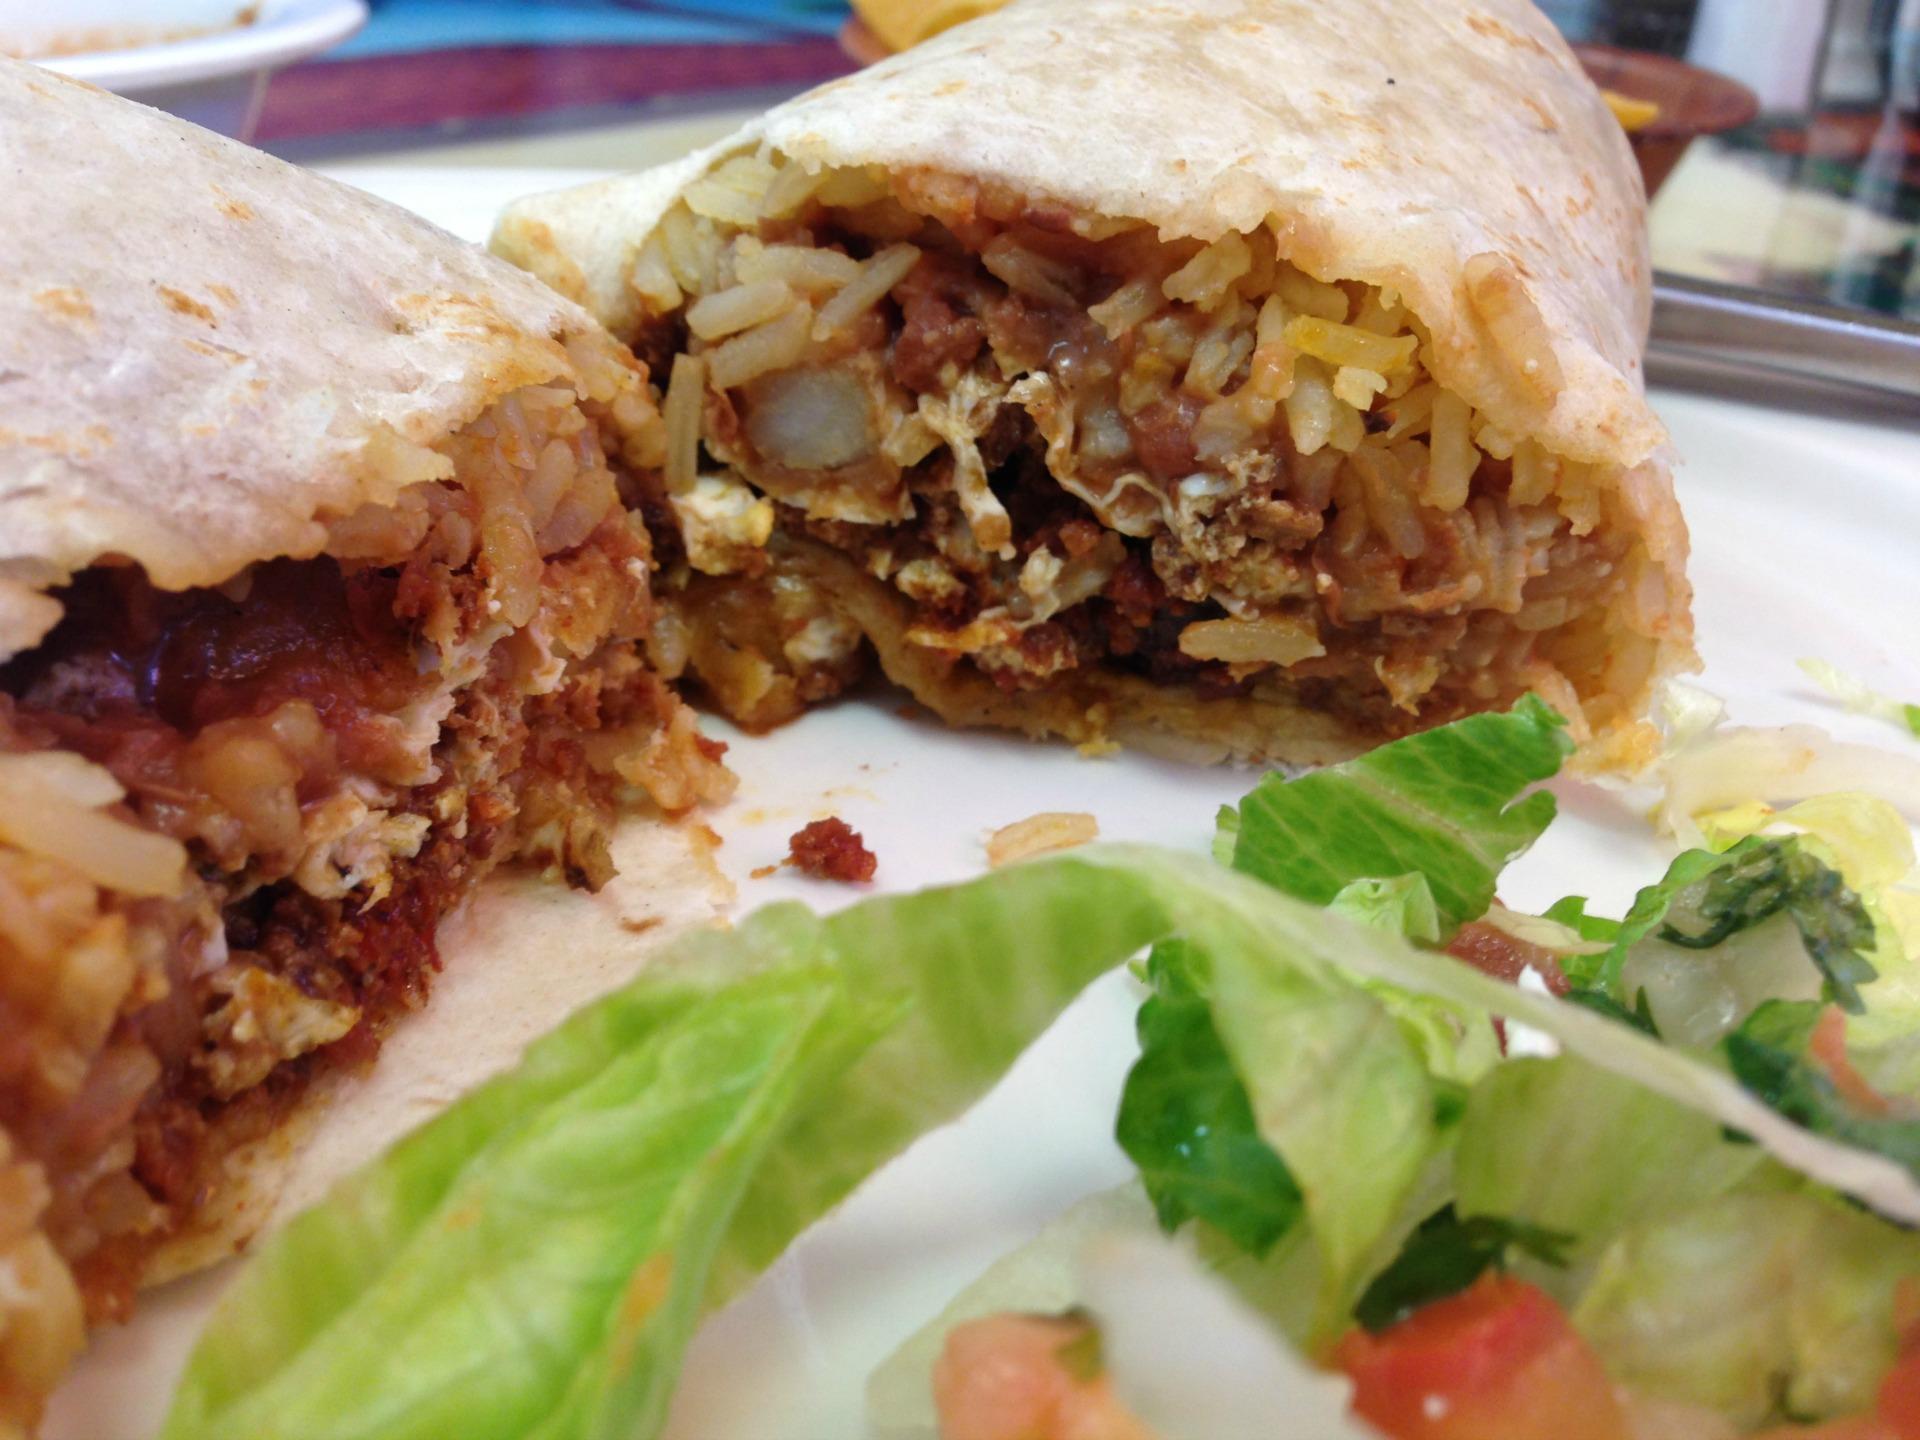 ... to 5 Favorite Breakfast Burritos in Oakland, Emeryville and Berkeley